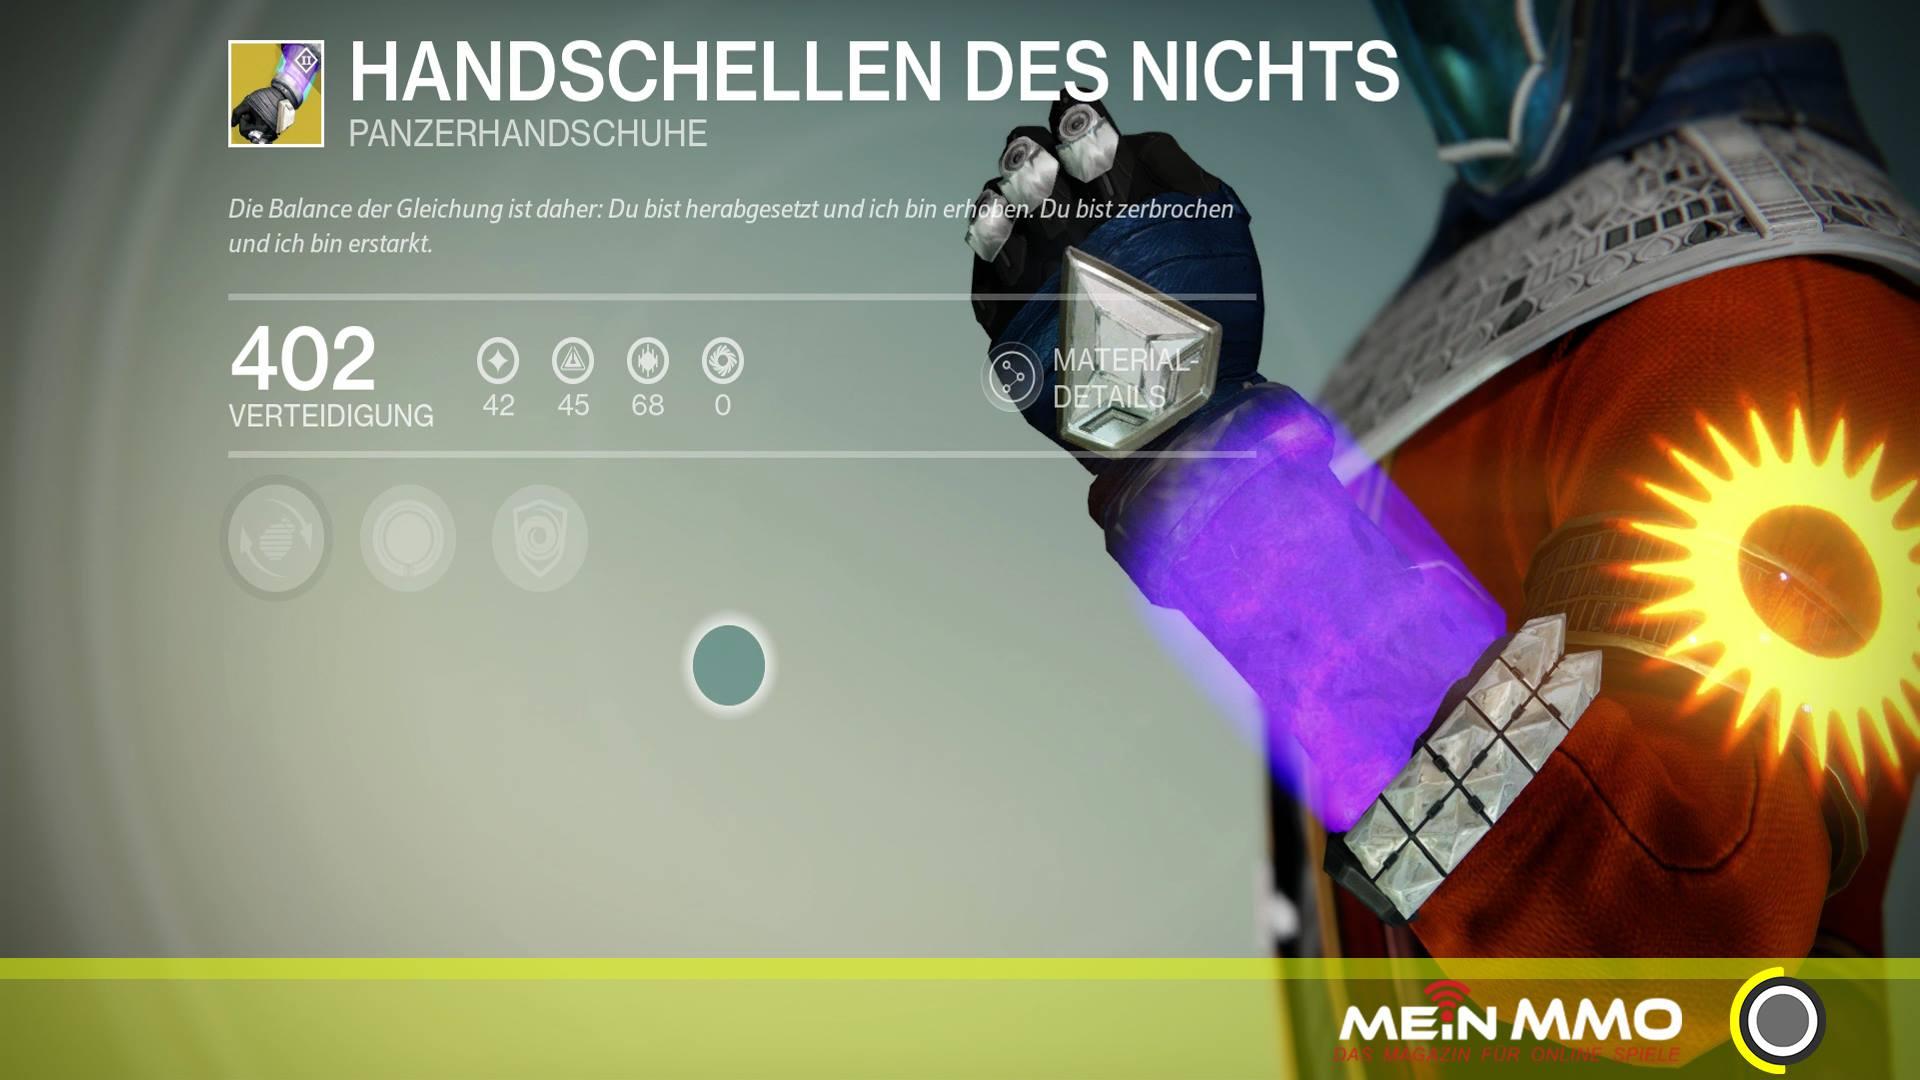 """Destiny: Die neuen exotischen Warlock-Handschuhe """"Handschellen des Nichts"""""""